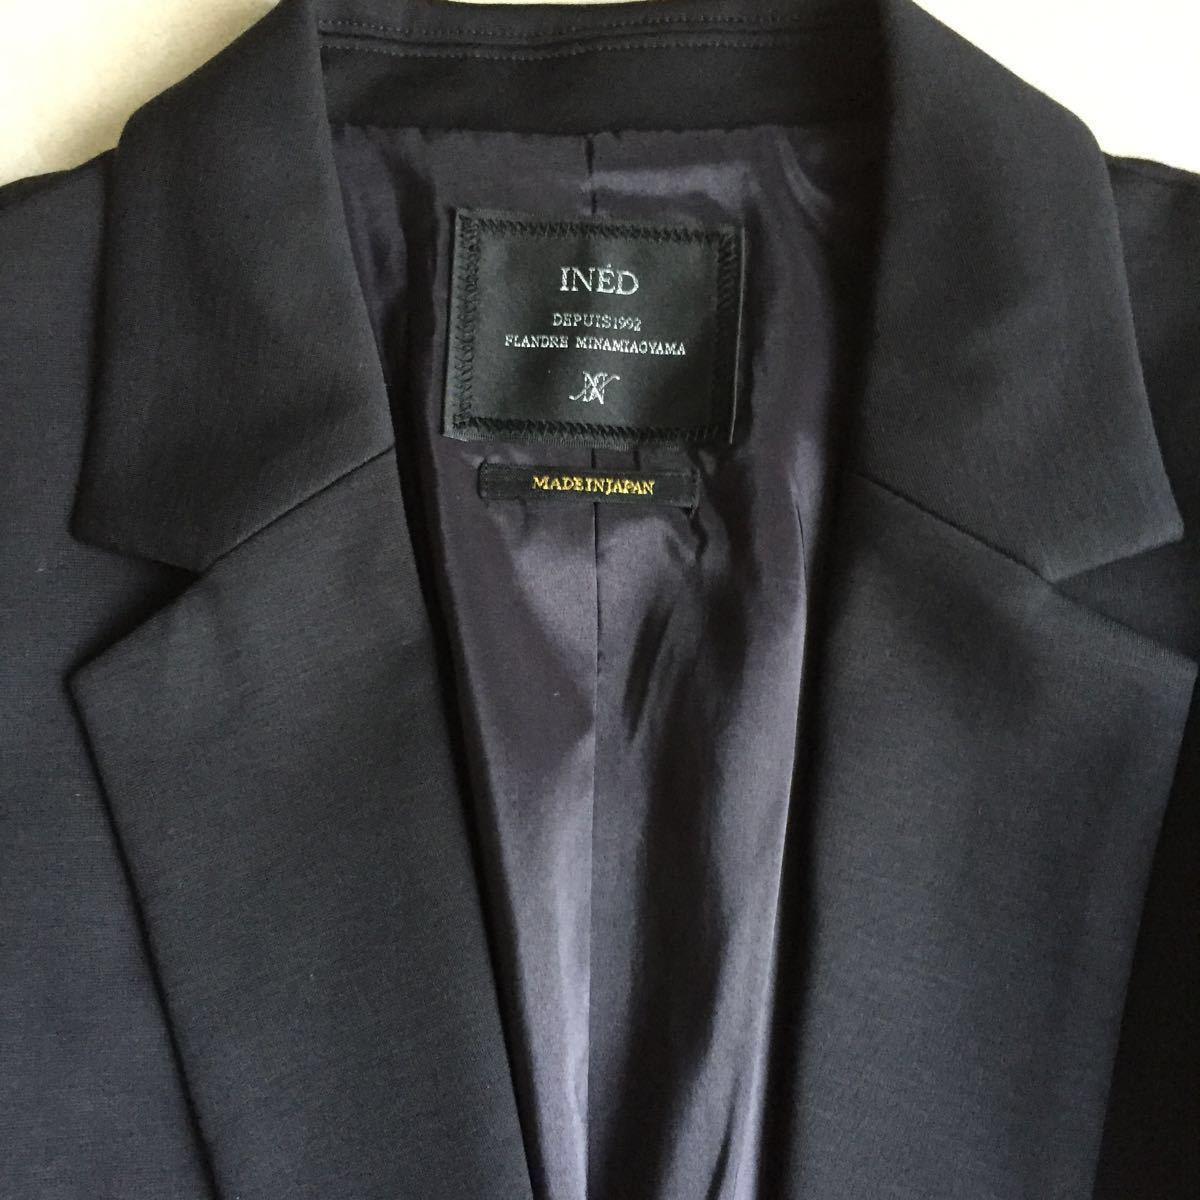 新品タグ 未着 INED イネド 手洗い可 シャイニーテーラードジャケット サイズ13 ネイビー 日本製 定価34.000+税_画像4